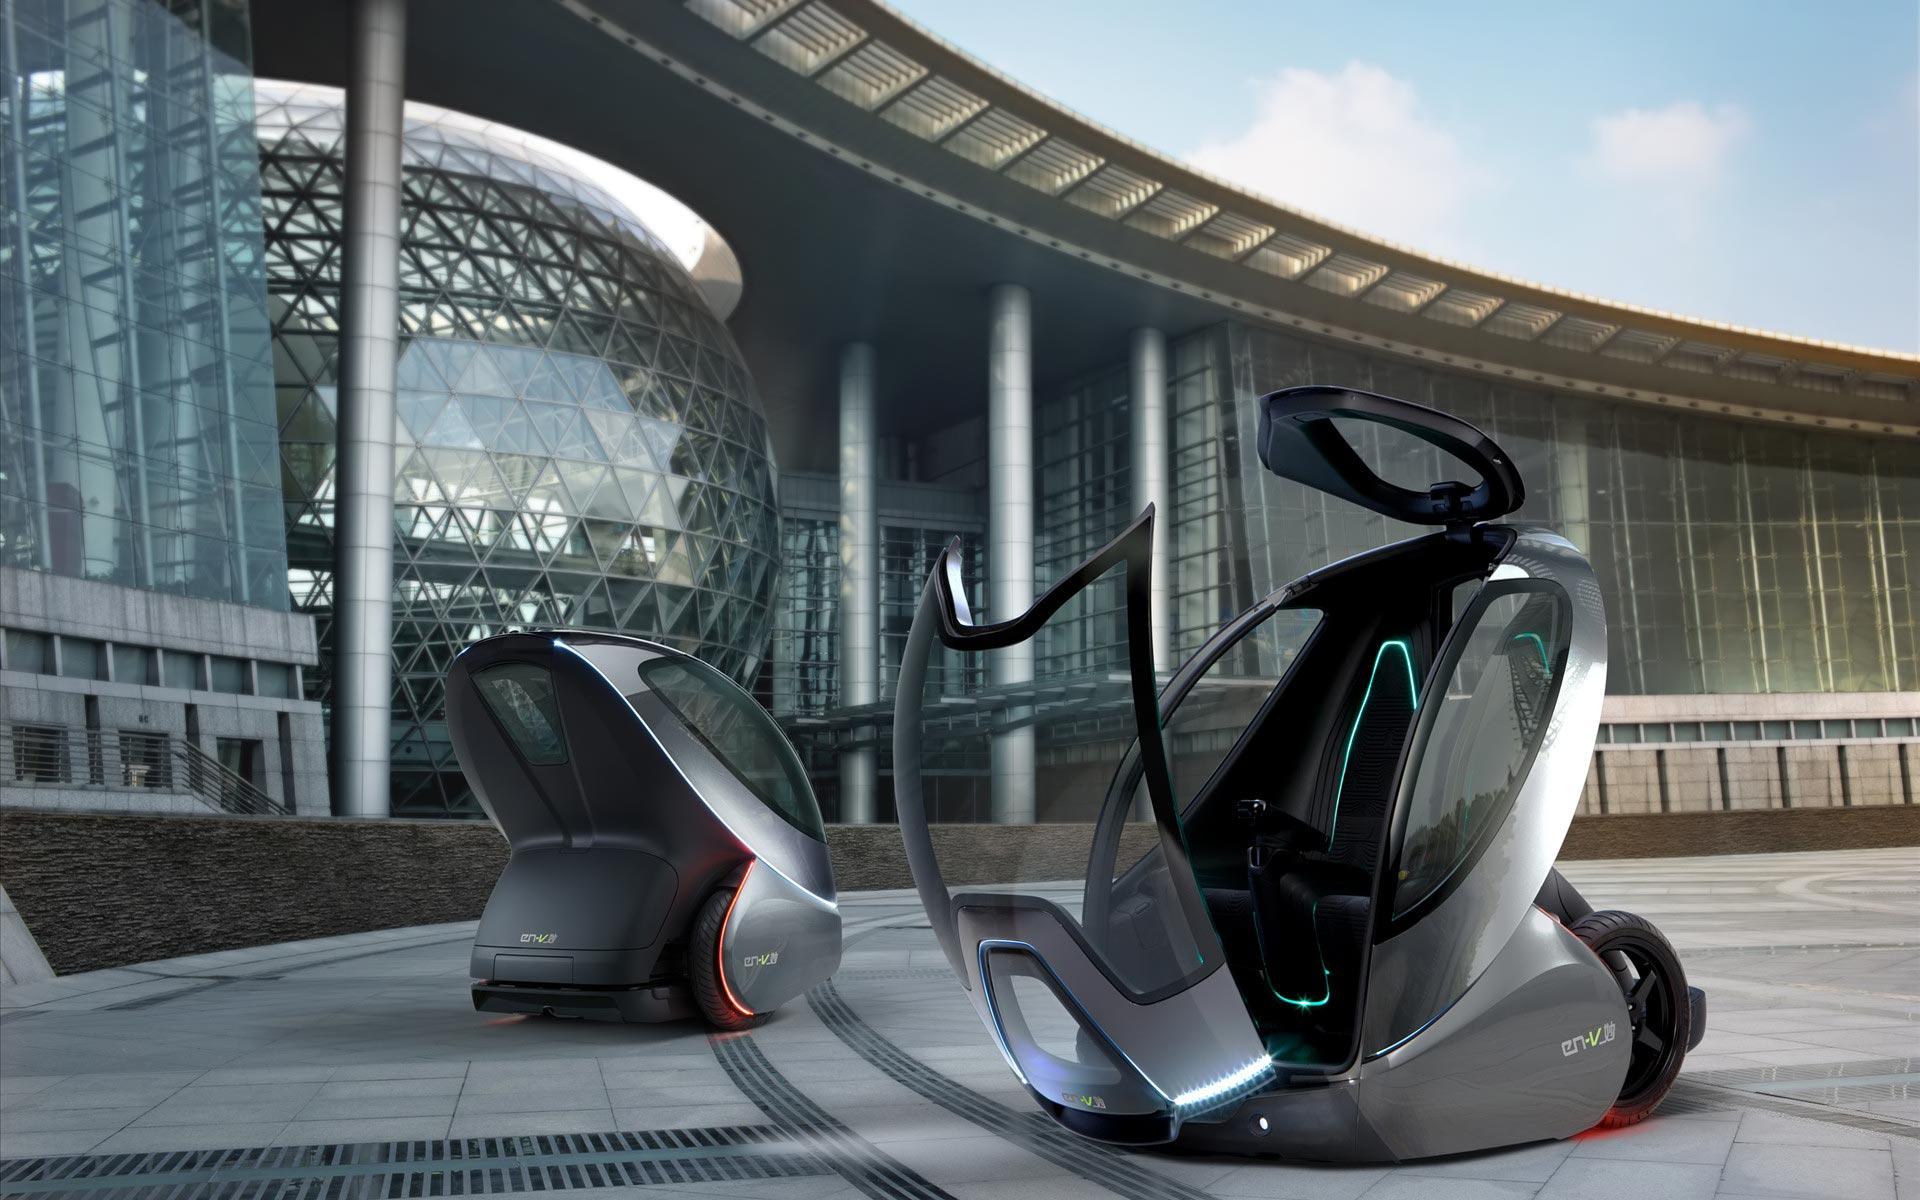 Réinventer l'automobile pour la mobilité urbaine